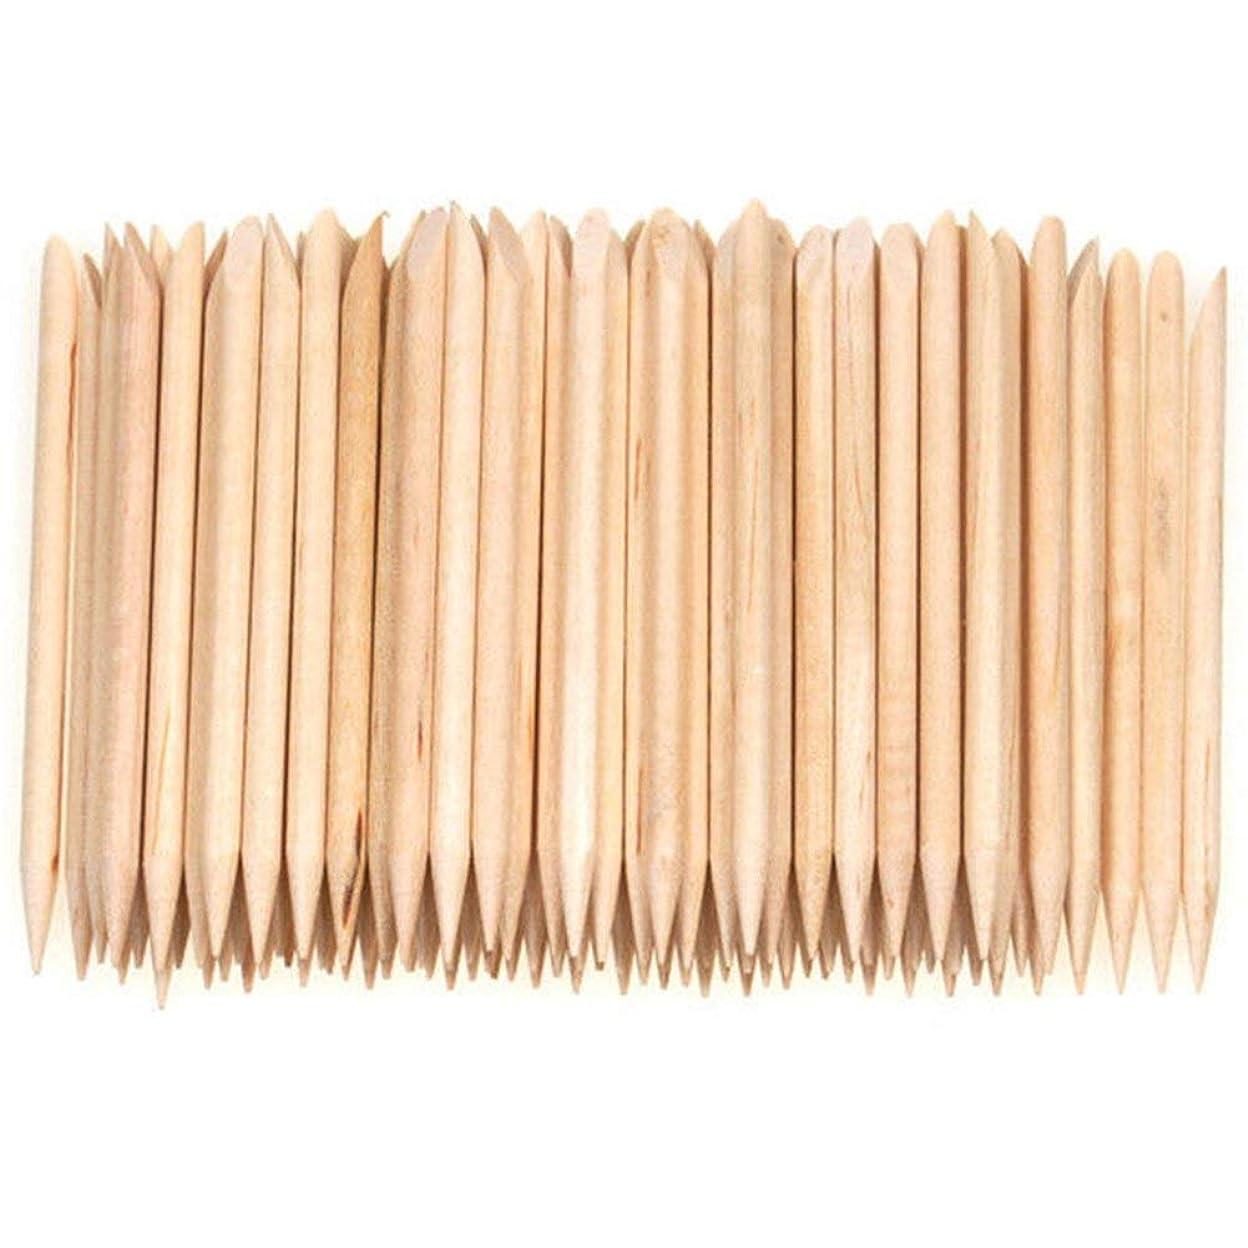 対角線今晩回転させるNrpfell 100個ネイルアートデザイン木製の棒キューティクルプッシャーリムーバーマニキュアケア